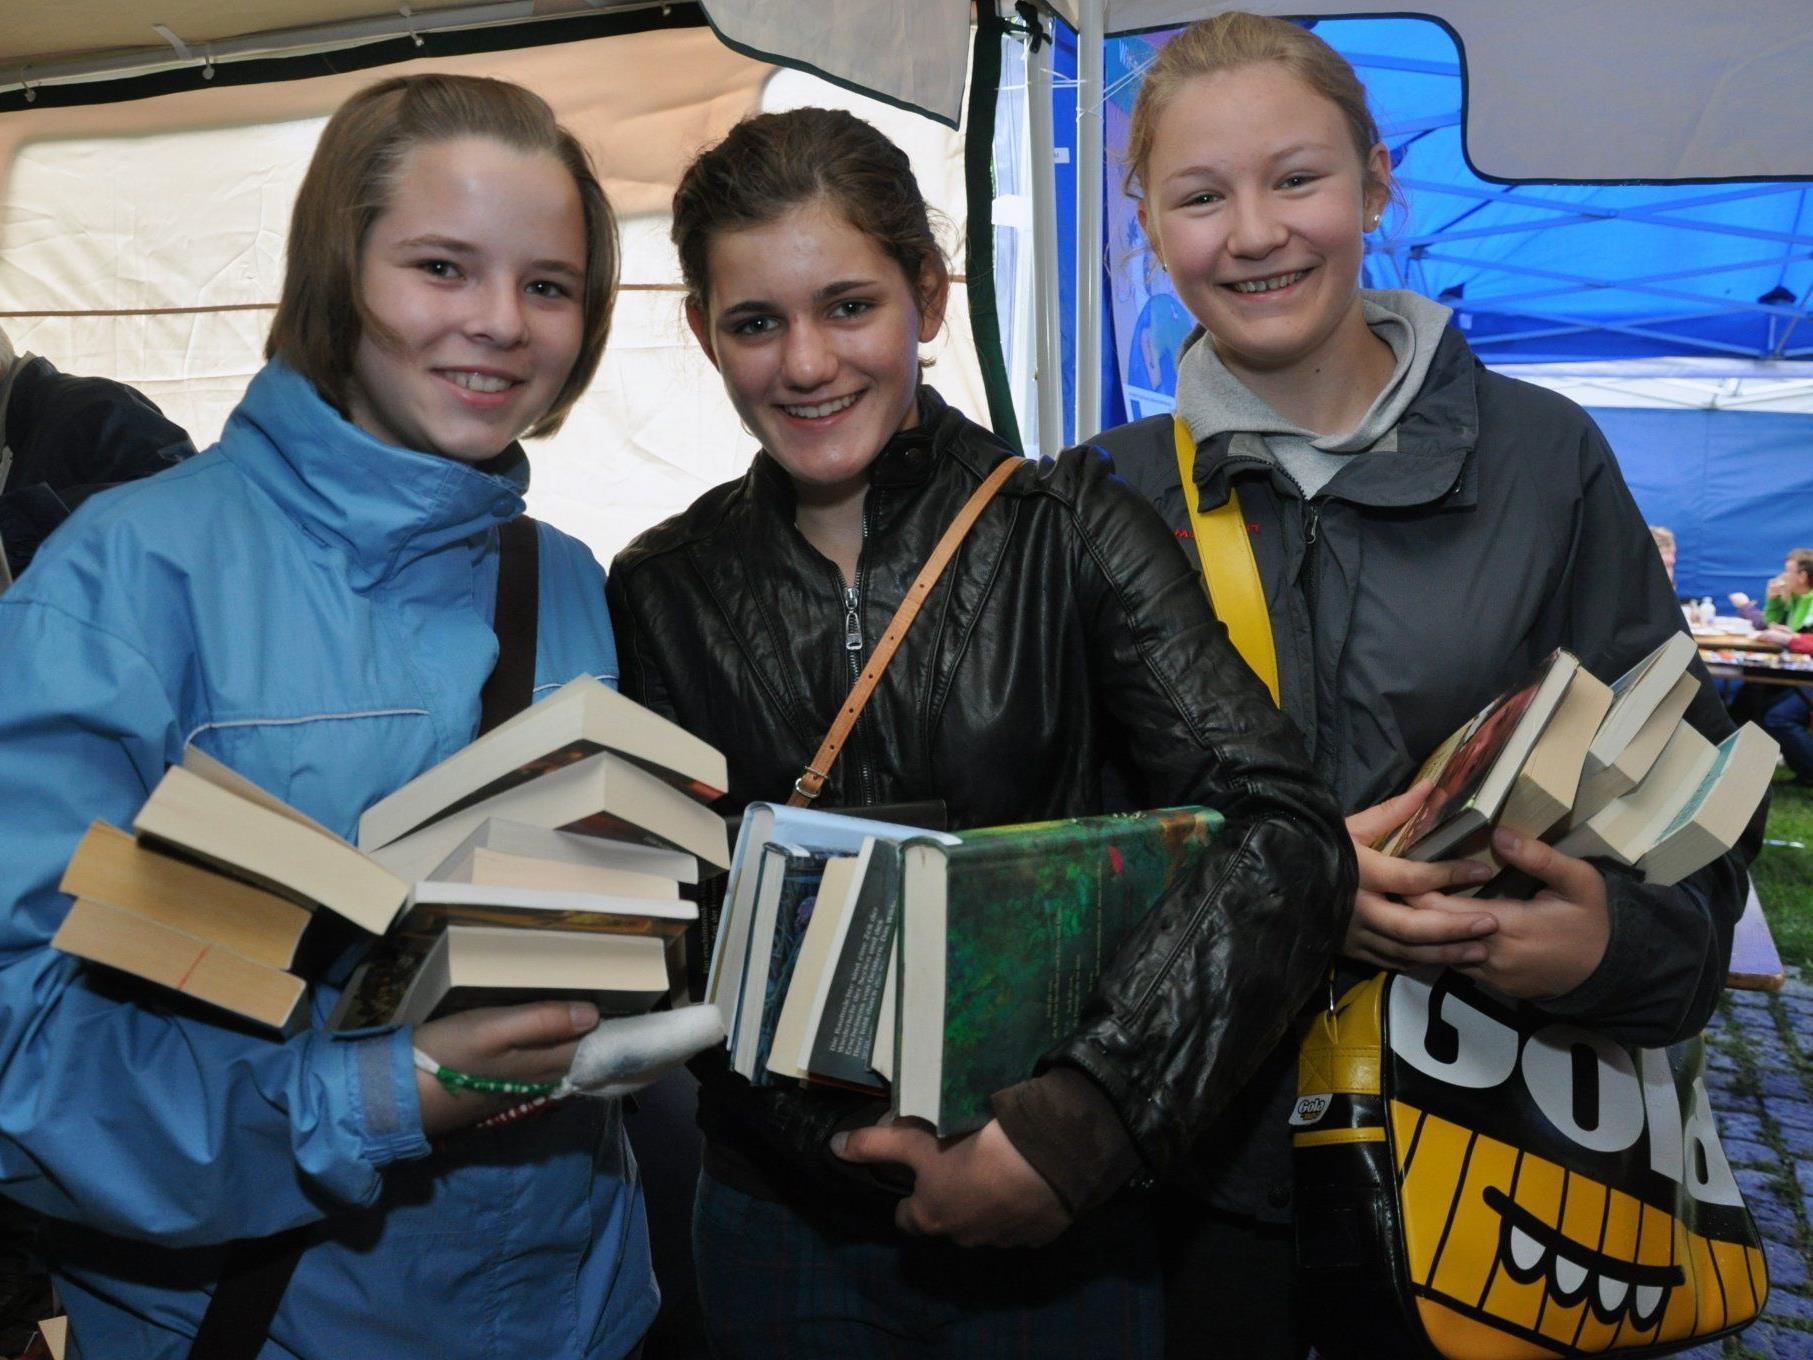 Beim Bücherflohmarkt gibt es Lesefutter für große und kleine Bücherfreunde.